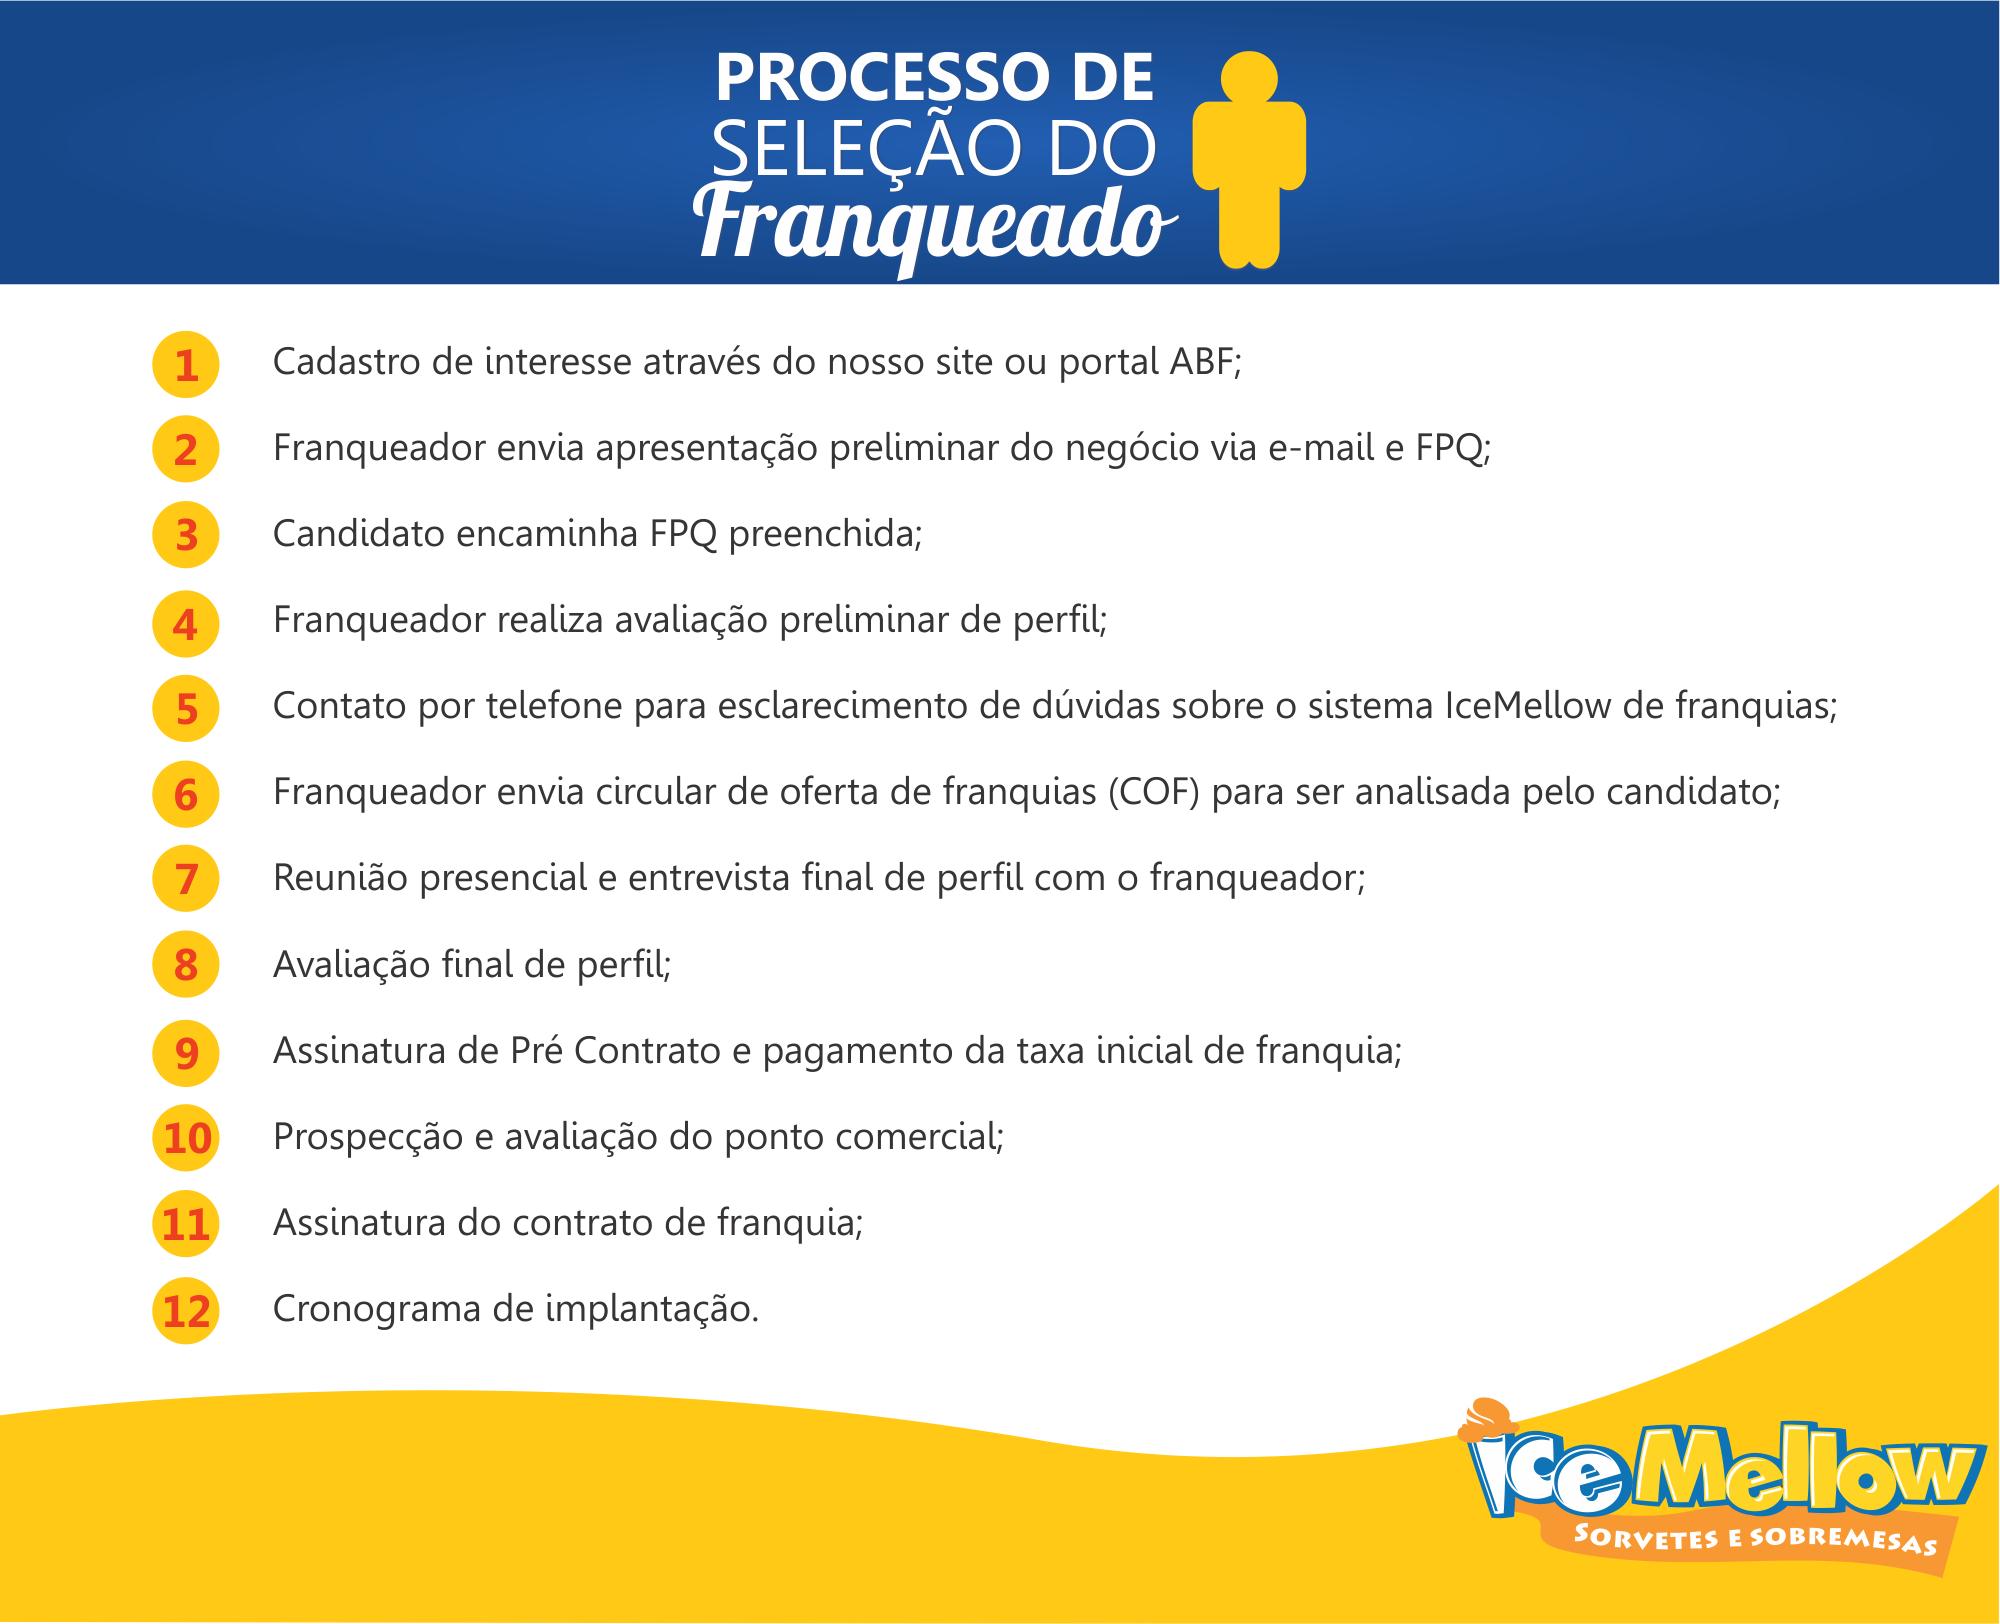 PROCESSO DE SELEÇÃO FRANQUEADO